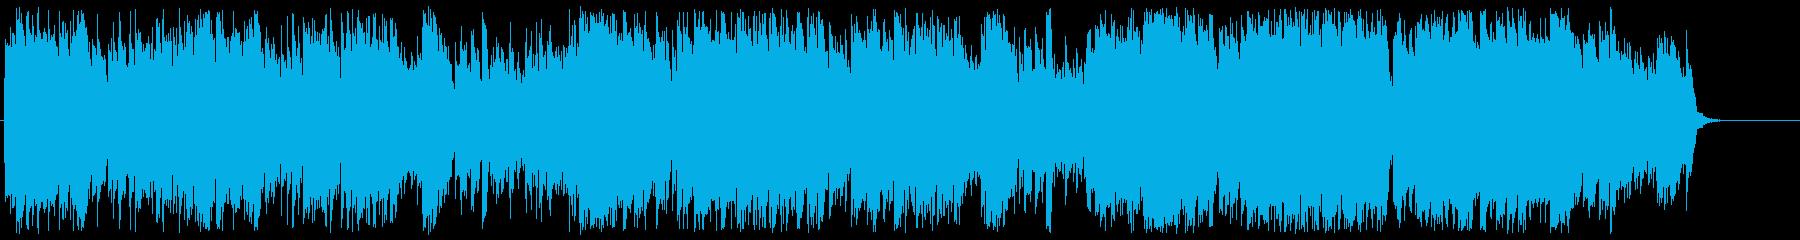 バロック調シンセポップの再生済みの波形